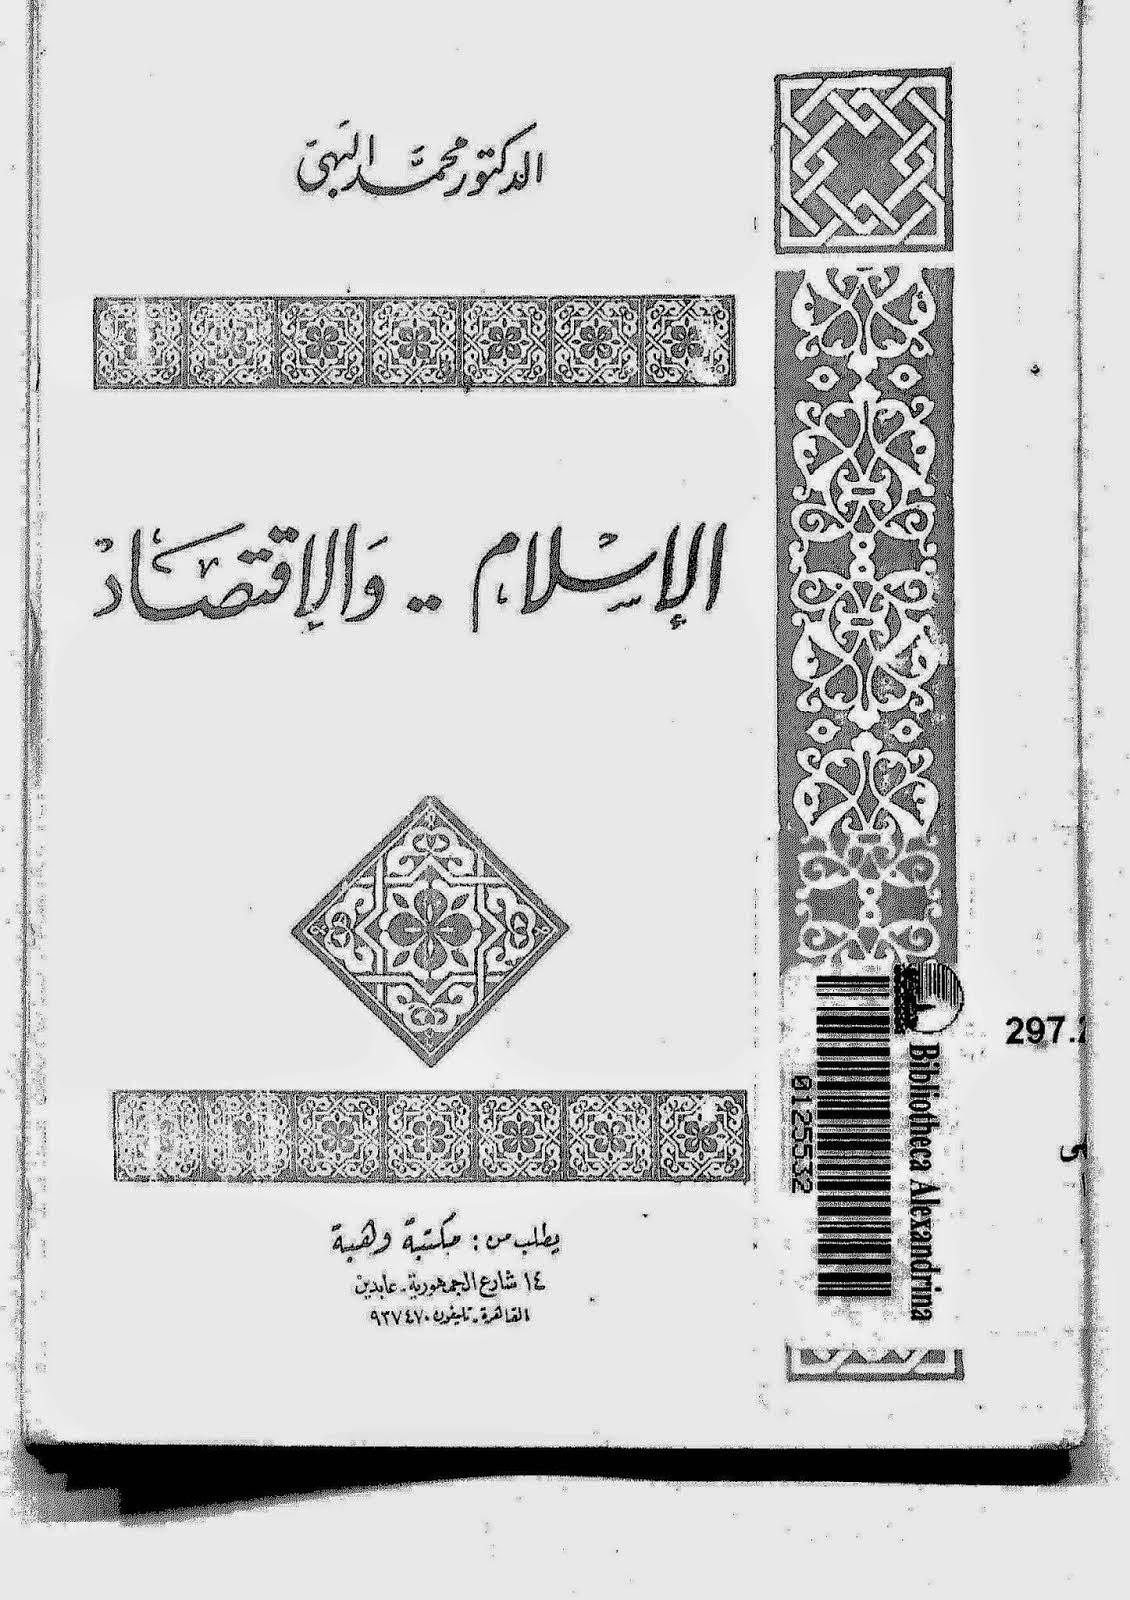 تحميل كتاب الإسلام والإقتصاد - محمد البهتي